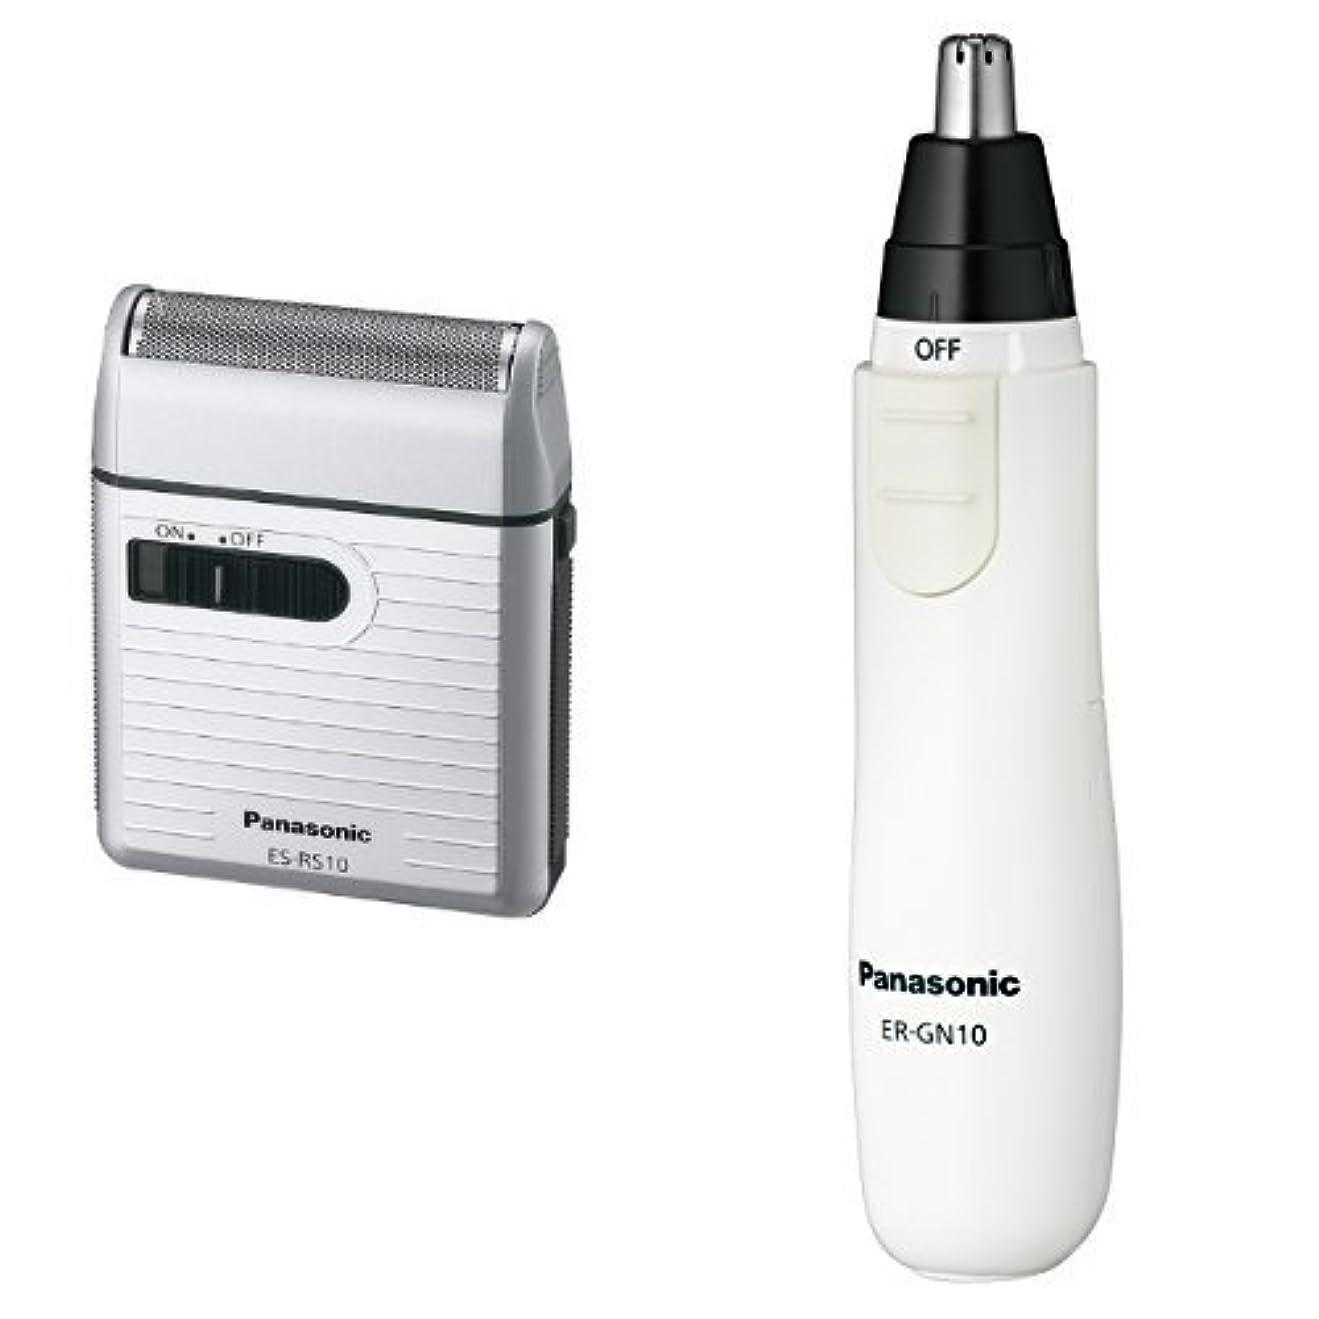 ホーム電話をかける瞑想パナソニック メンズシェーバー 1枚刃 シルバー調 ES-RS10-S + エチケットカッター 白 ER-GN10-W セット